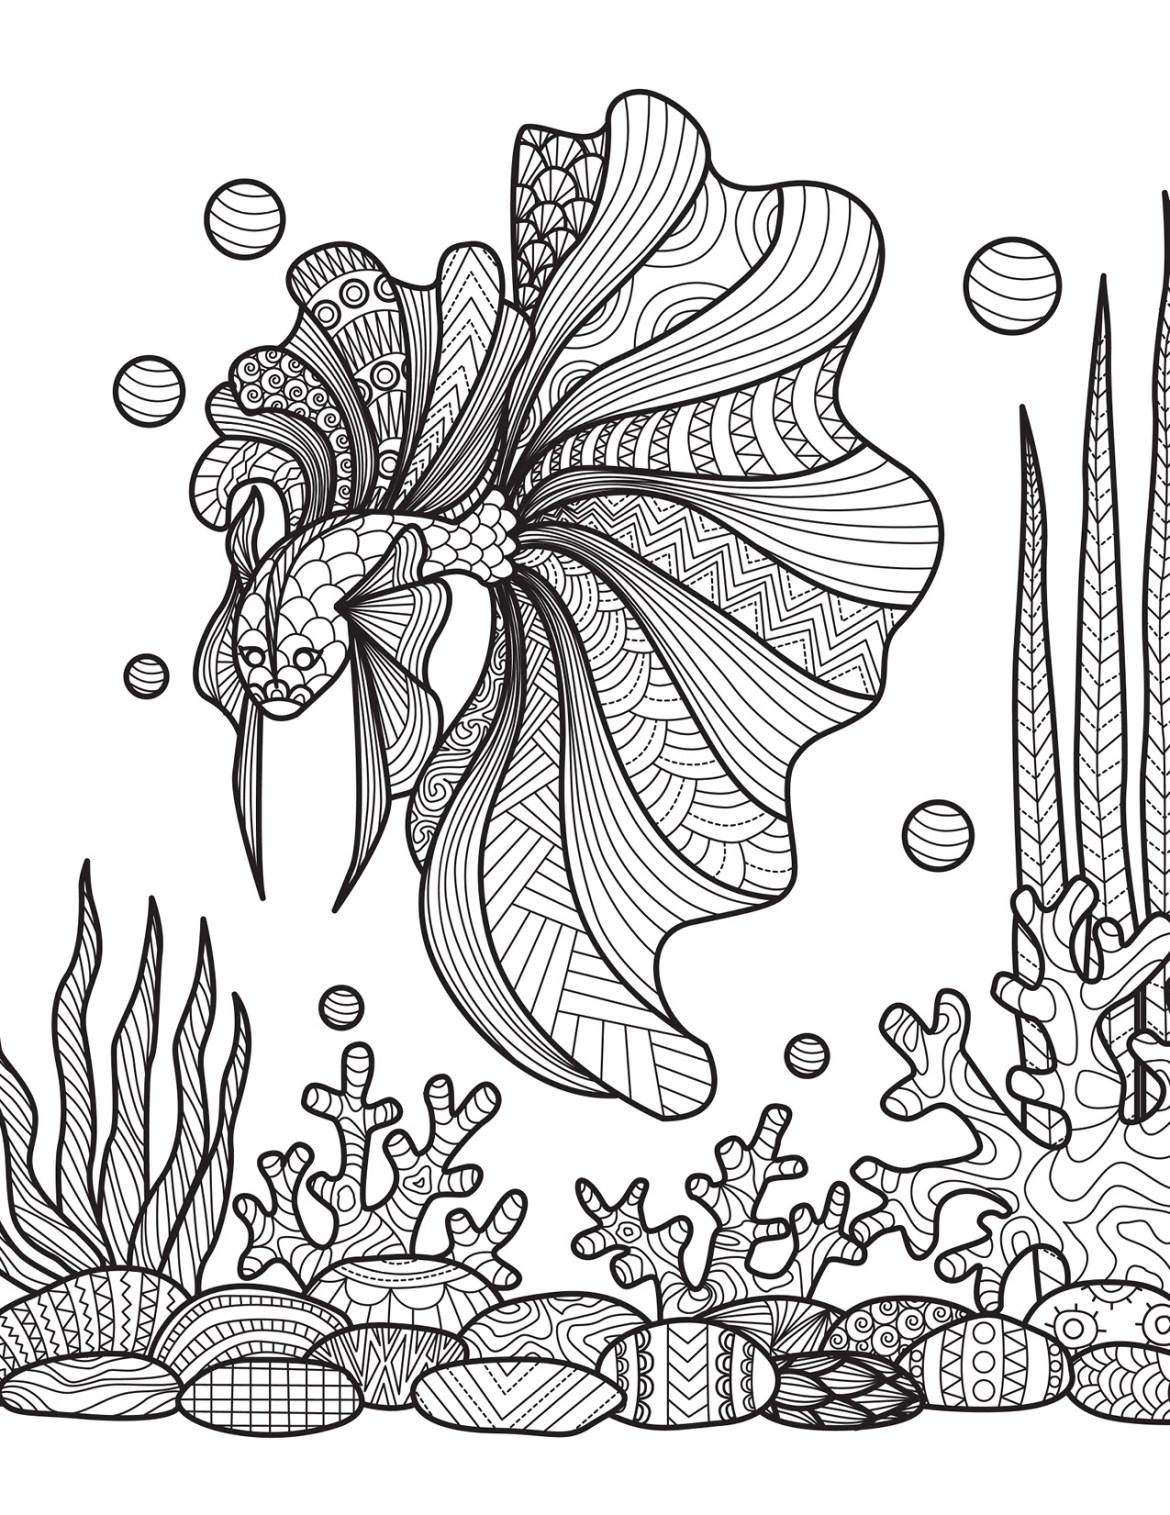 Coloriage de poisson dans la nature à imprimer - Artherapie.ca